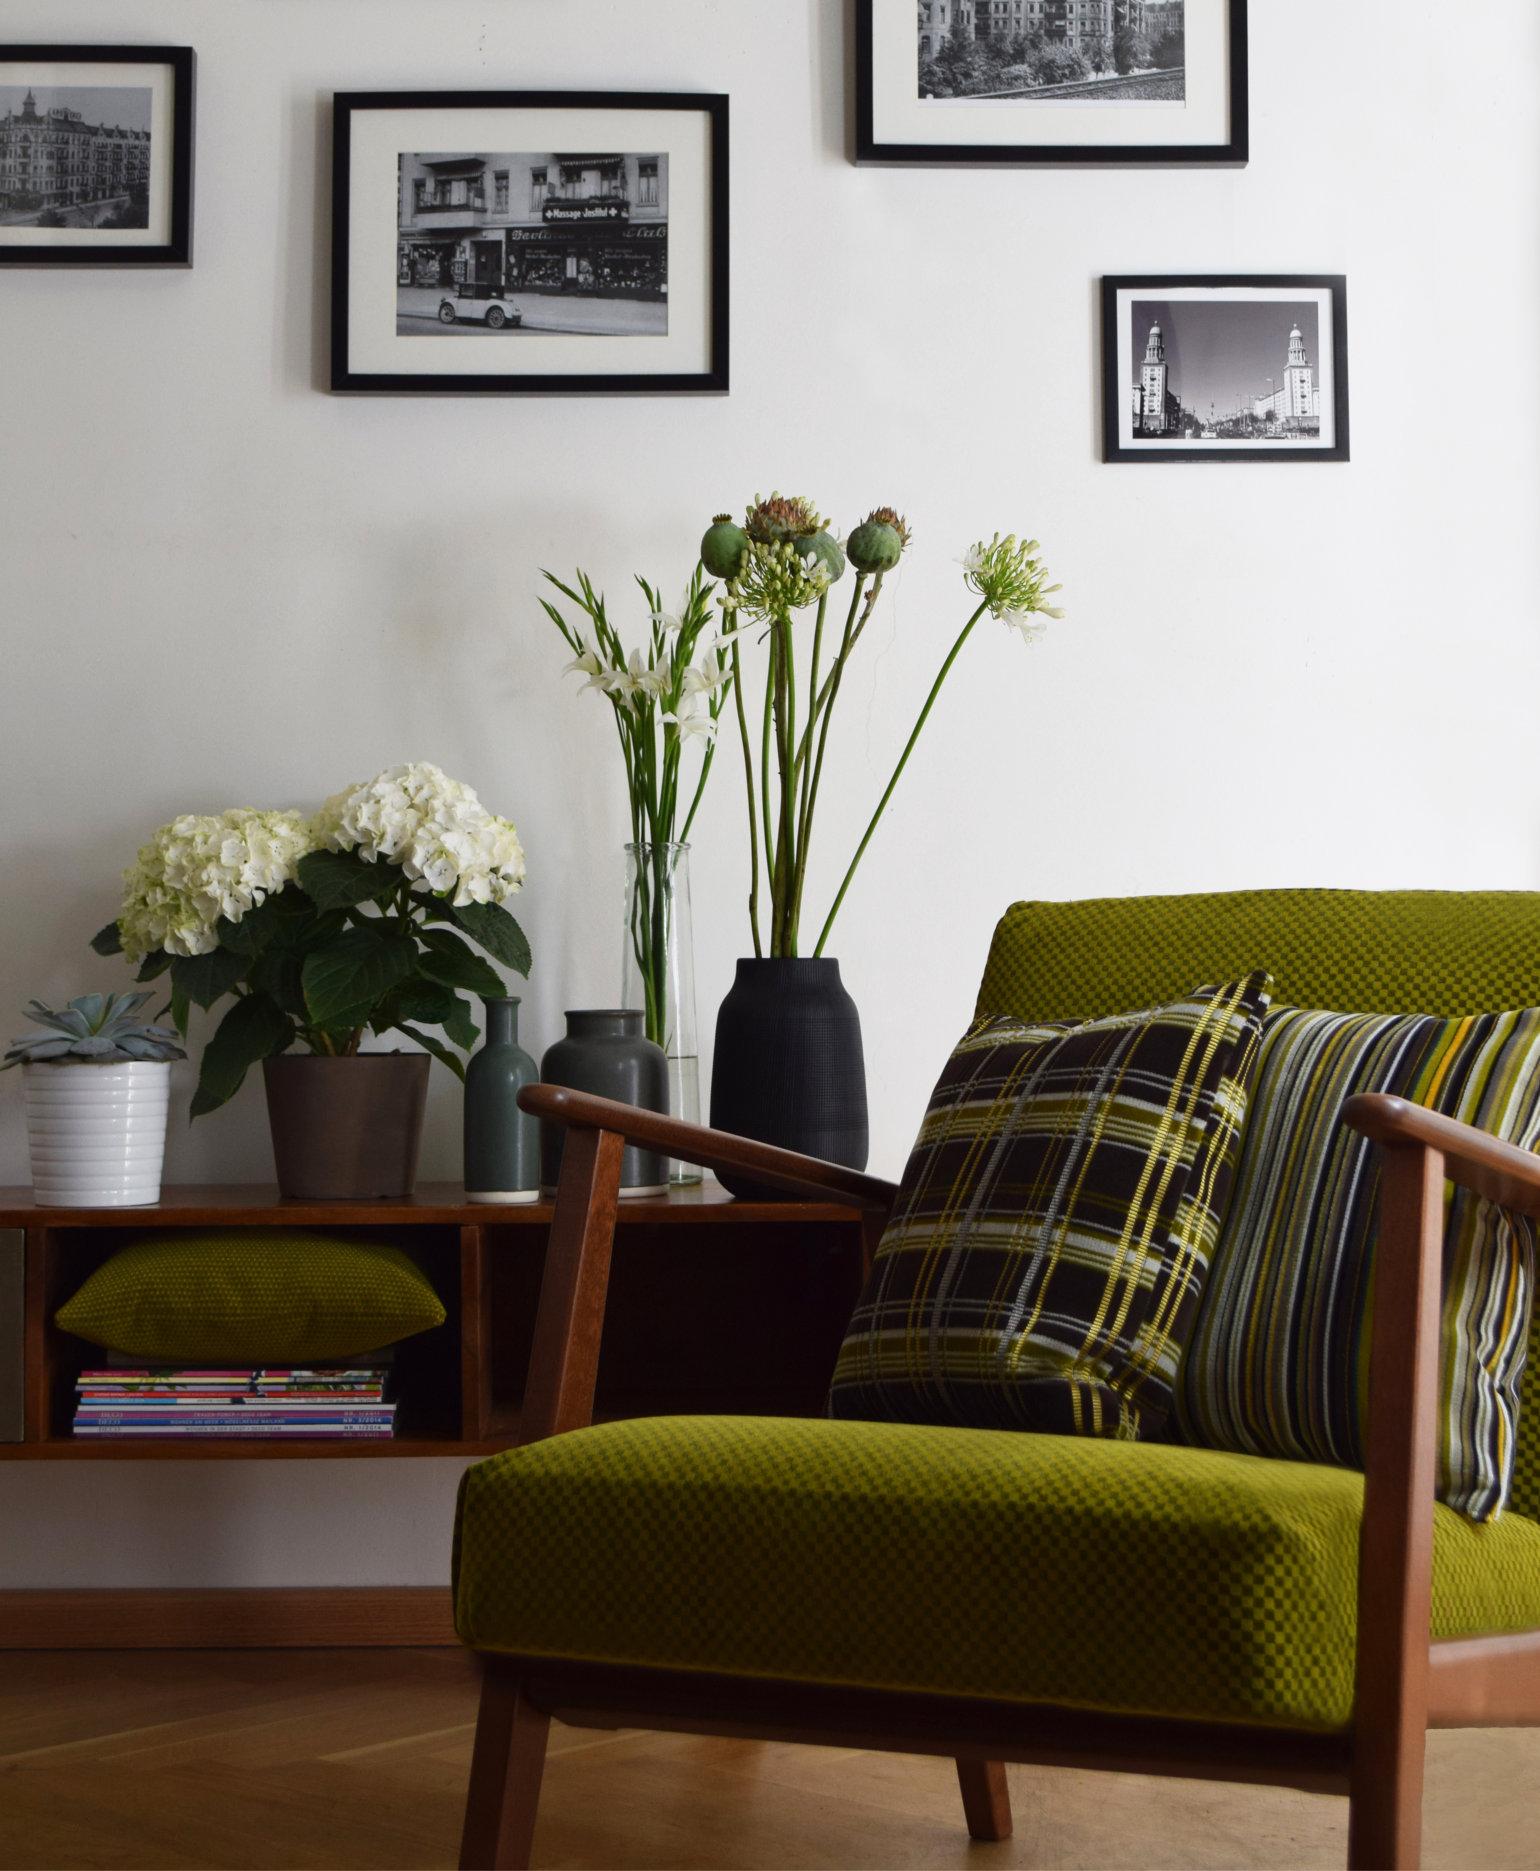 die wohnwerkstatt kupferzell charisma pur ausstrahlung. Black Bedroom Furniture Sets. Home Design Ideas